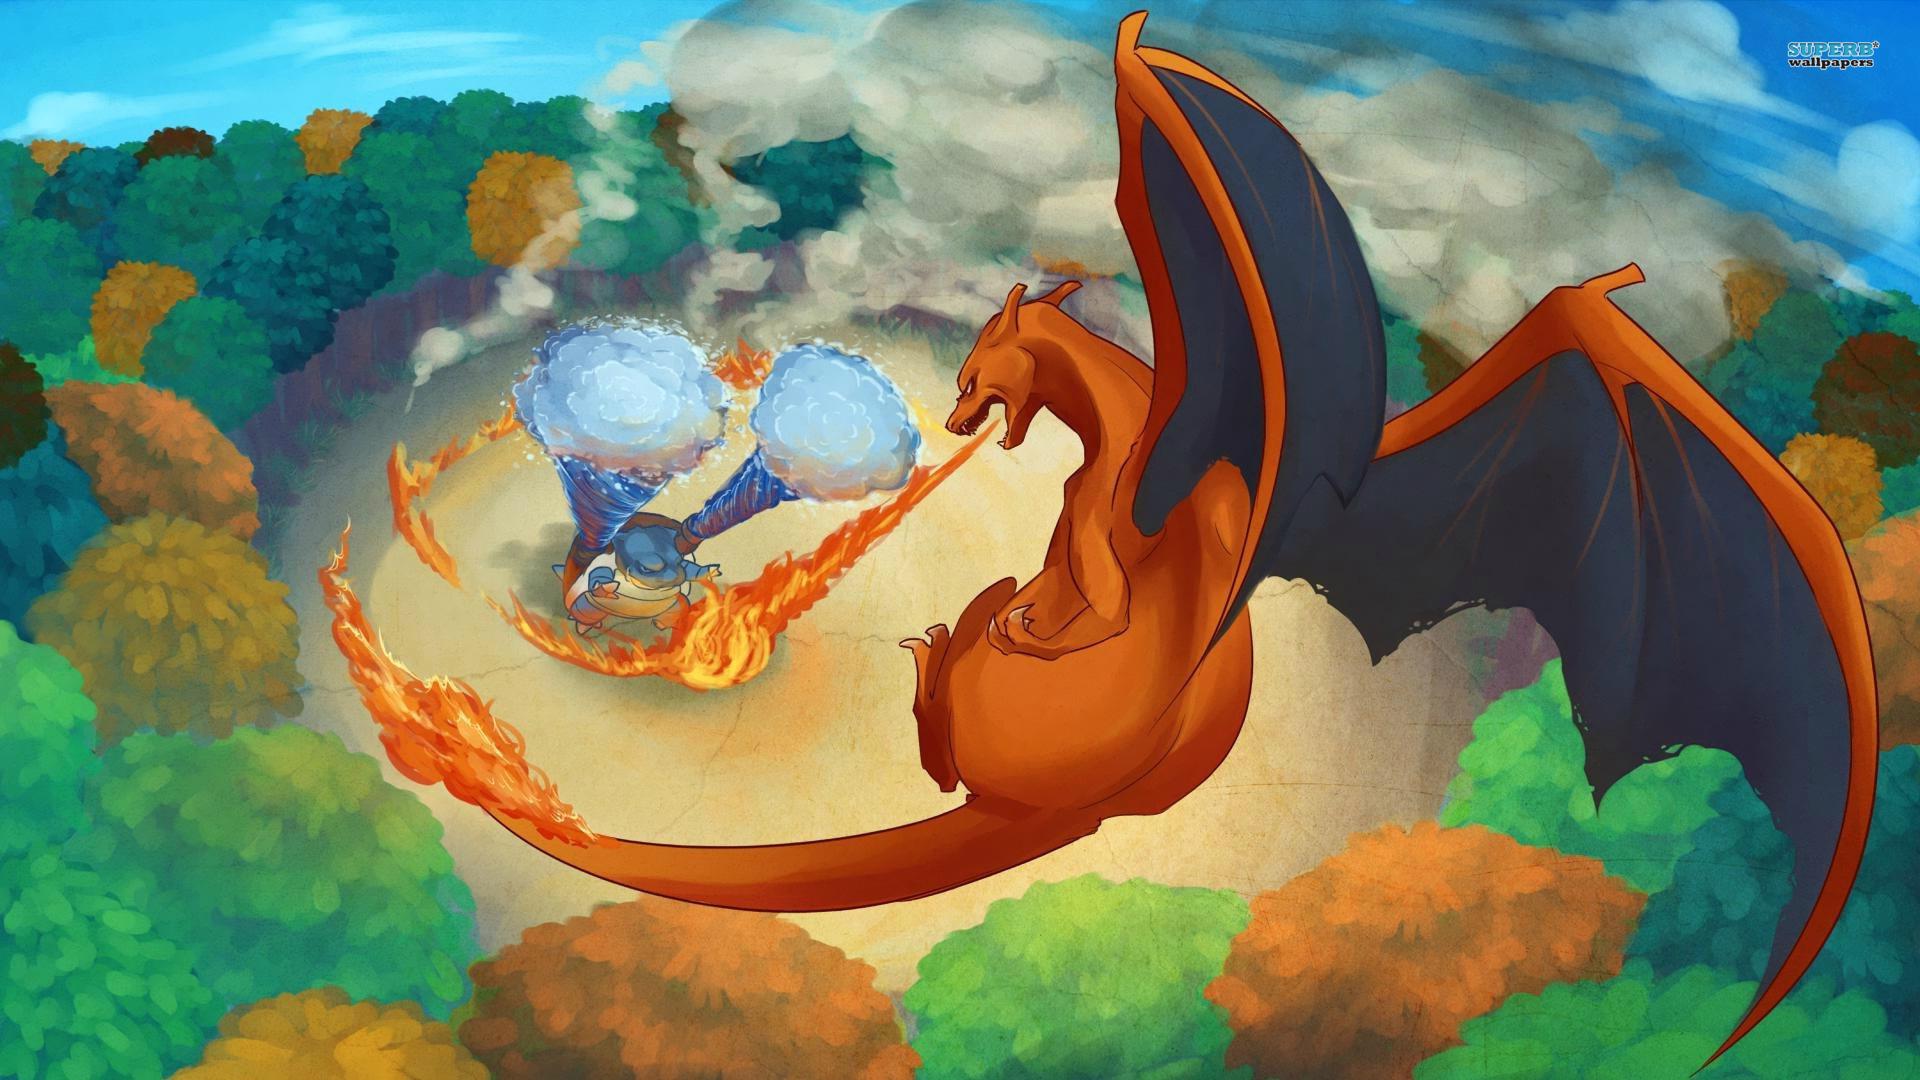 pokemon wallpaper HD for desktop 7 1920x1080